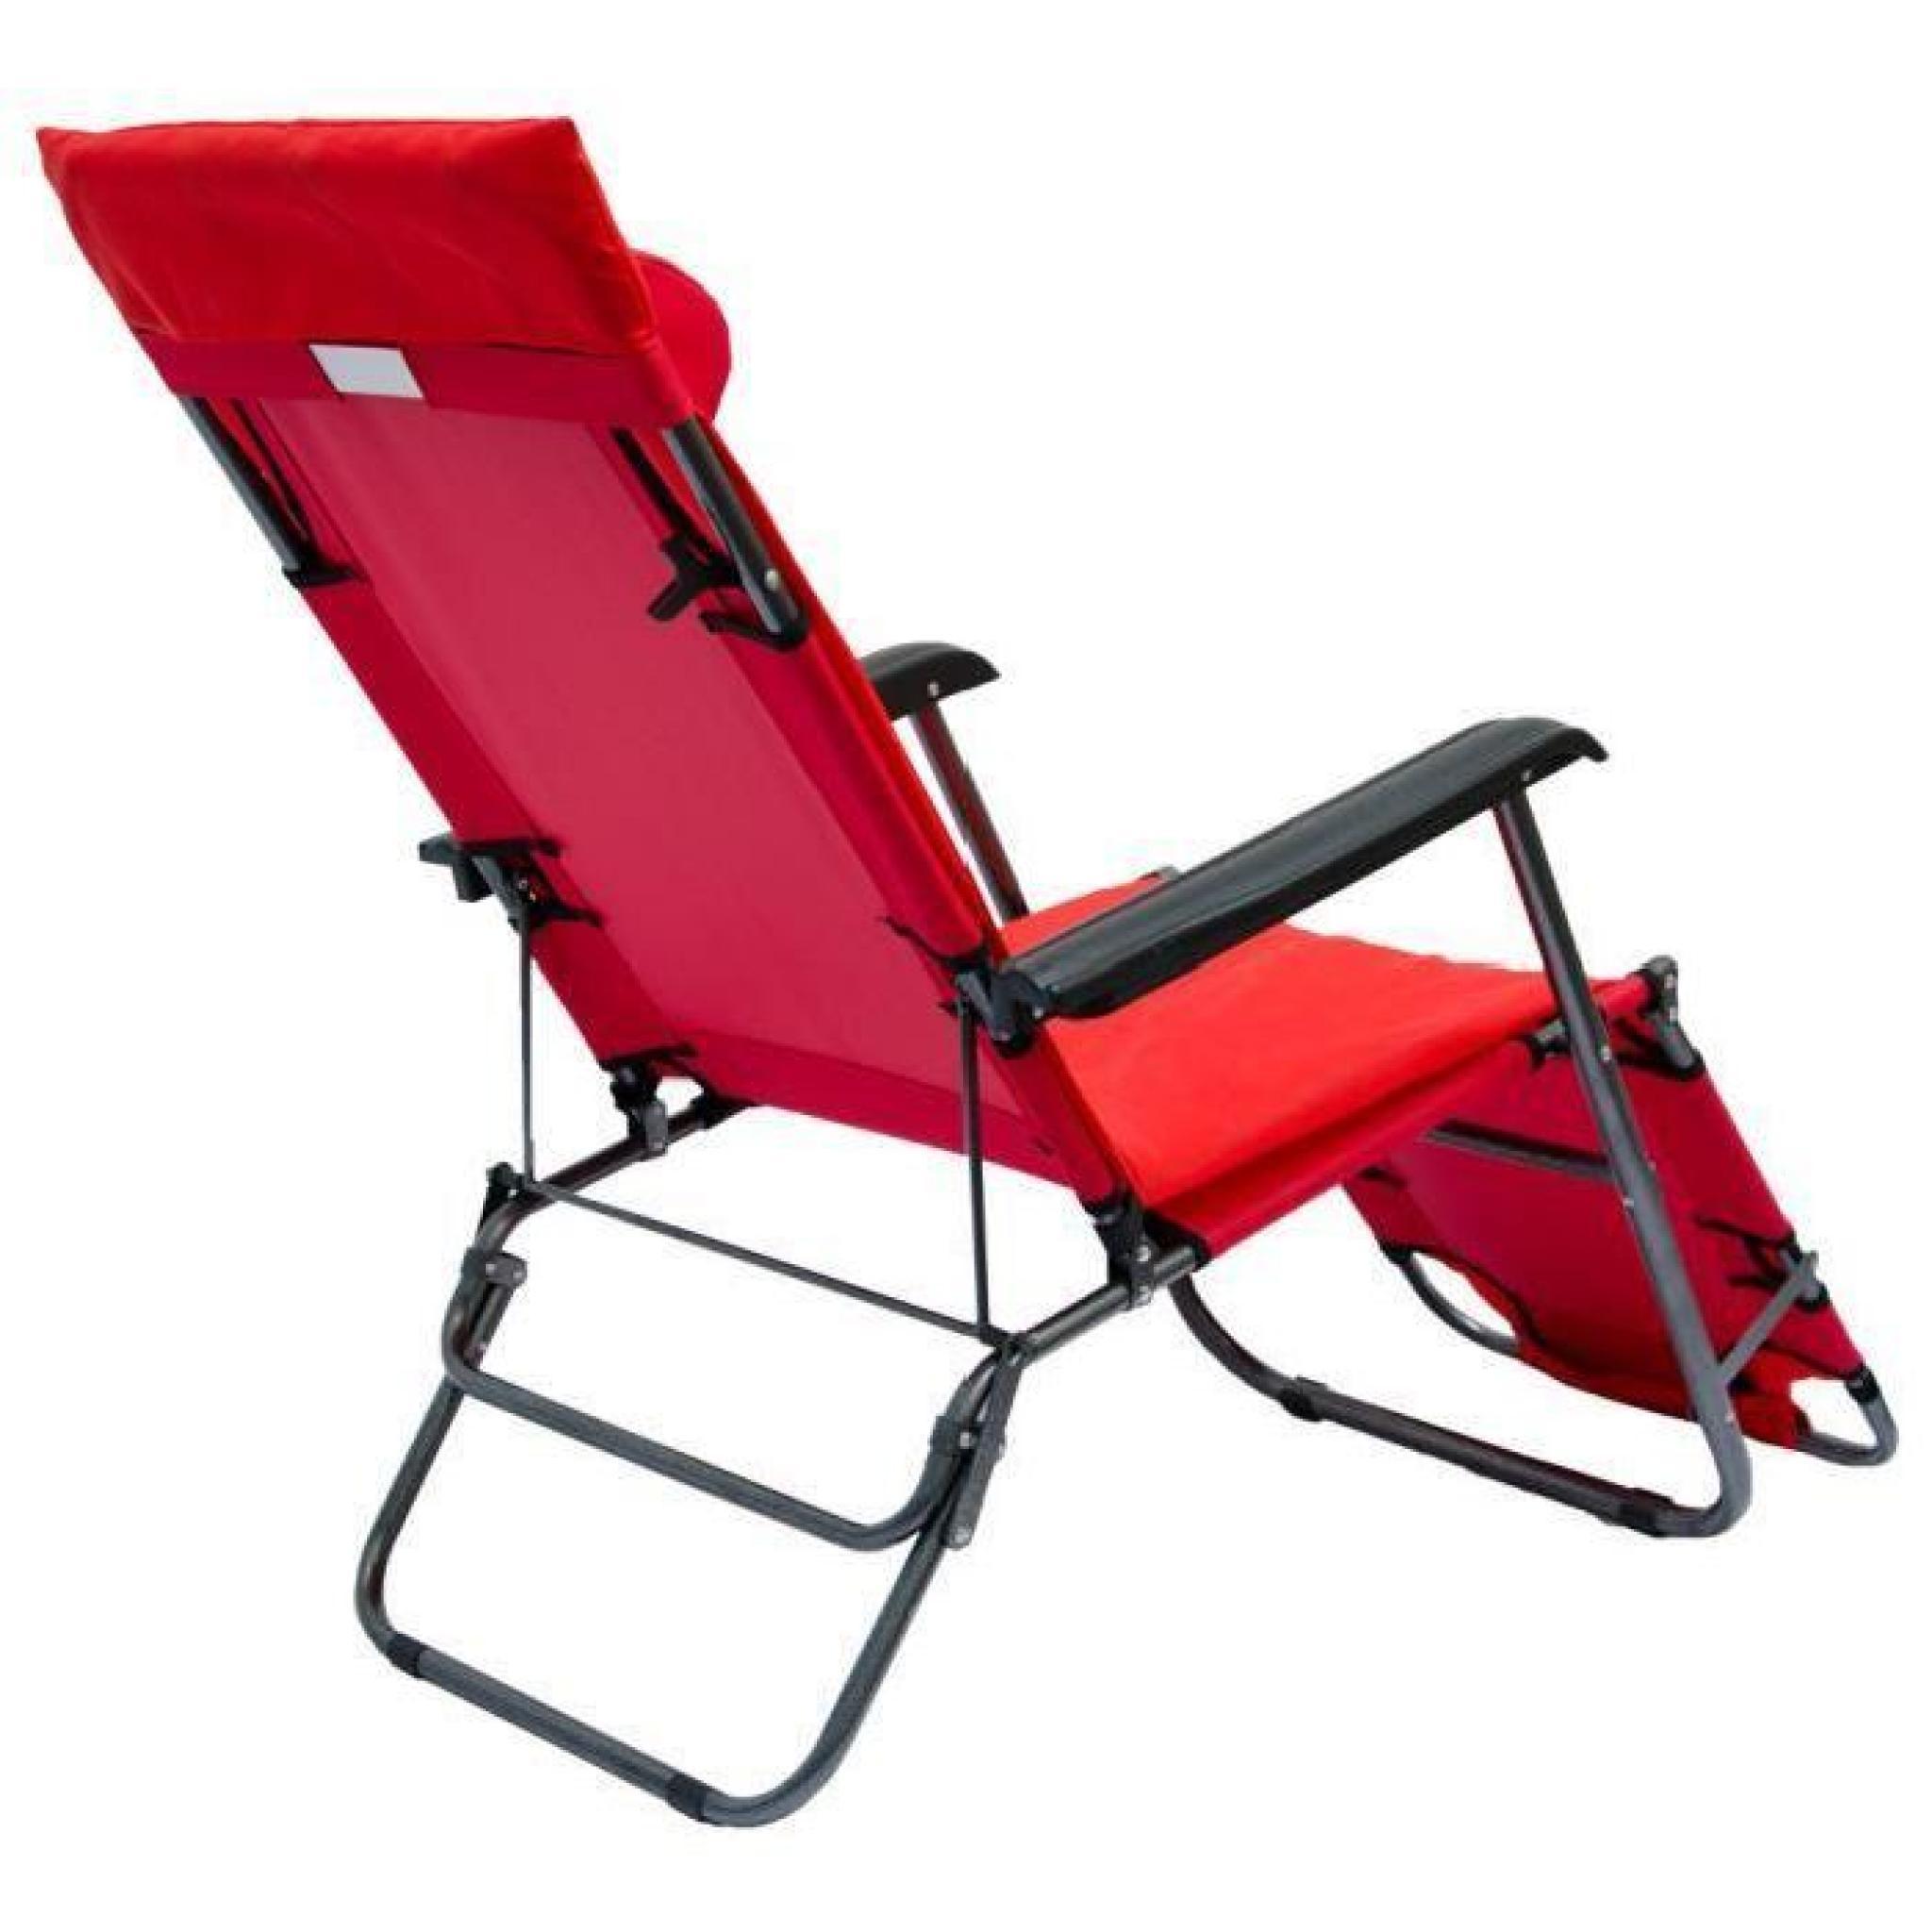 Chaise longue pliante 178x60cm dossier inclinable - Chaise longue de jardin pas cher ...